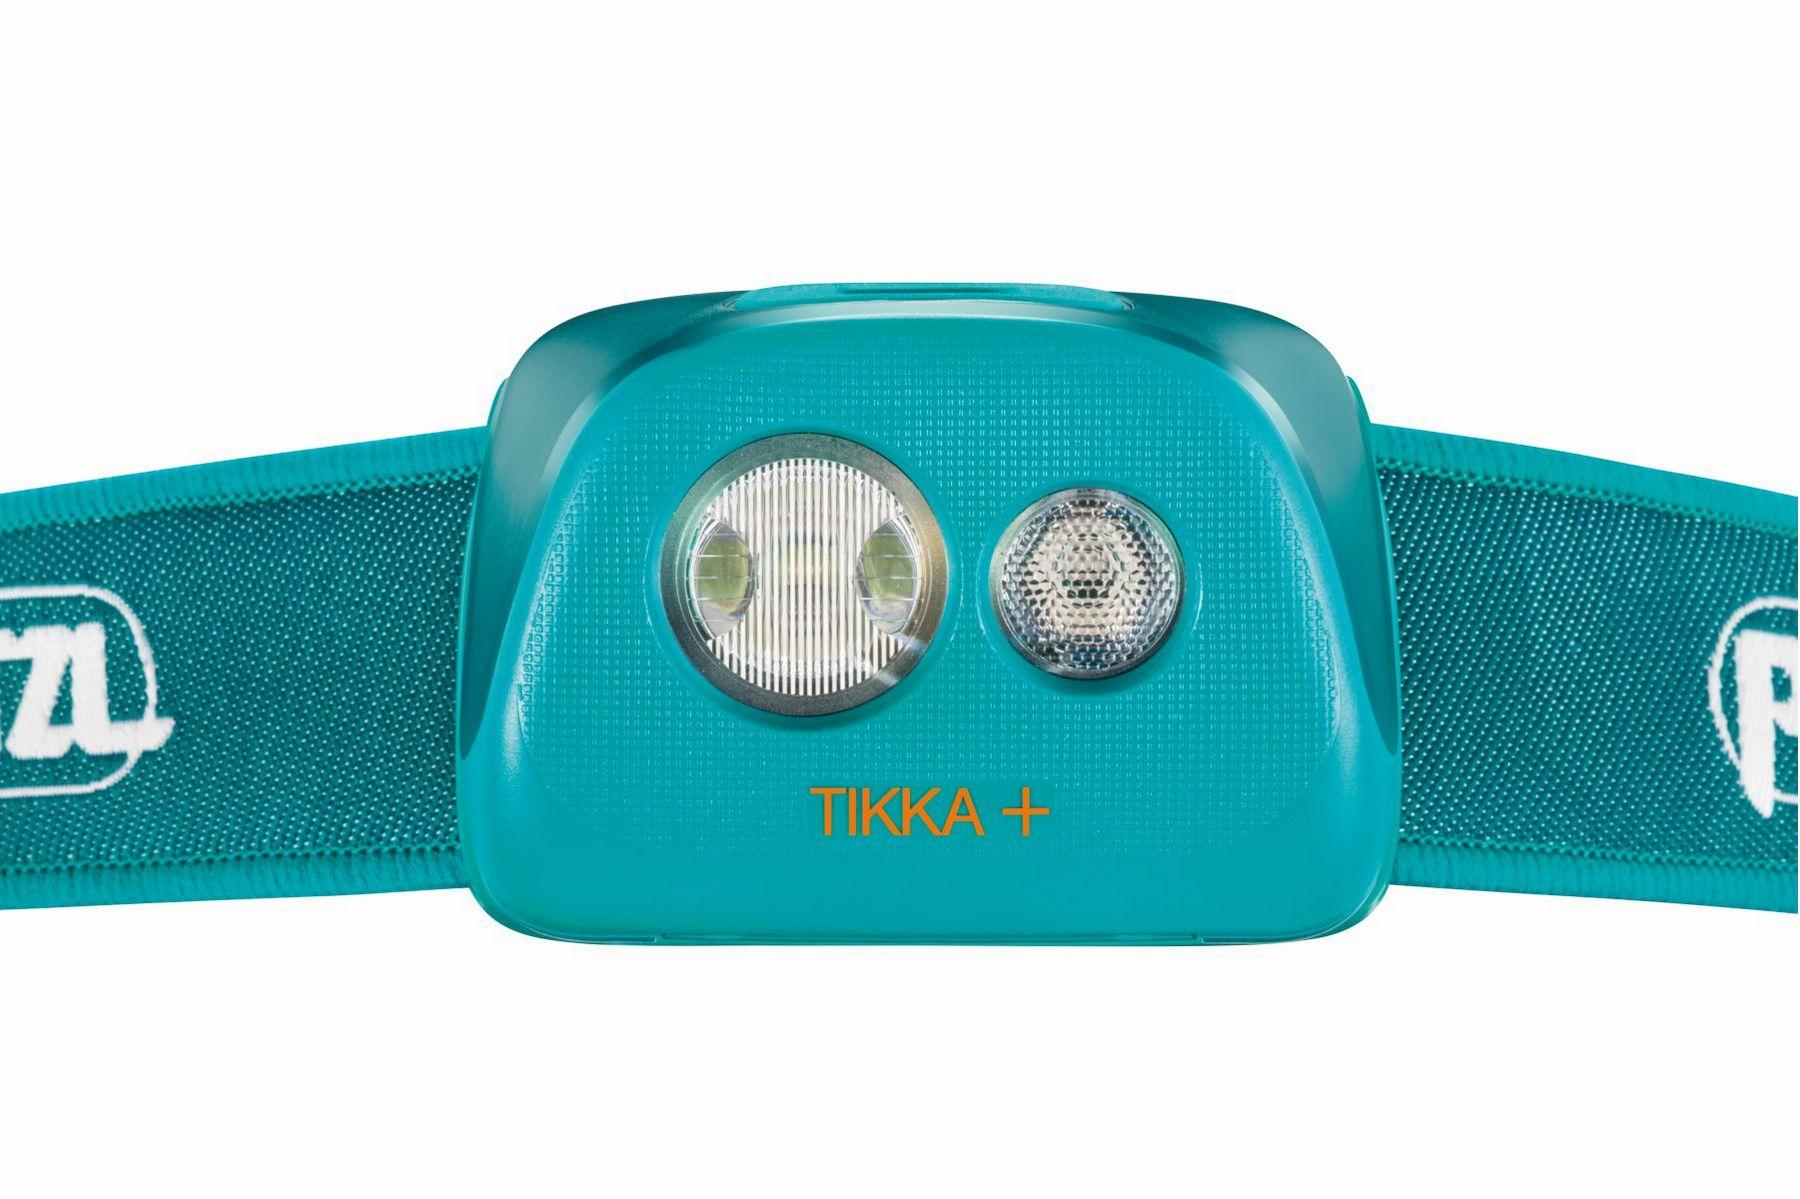 Налобный фонарь Petzl TIKKA + - фото 2